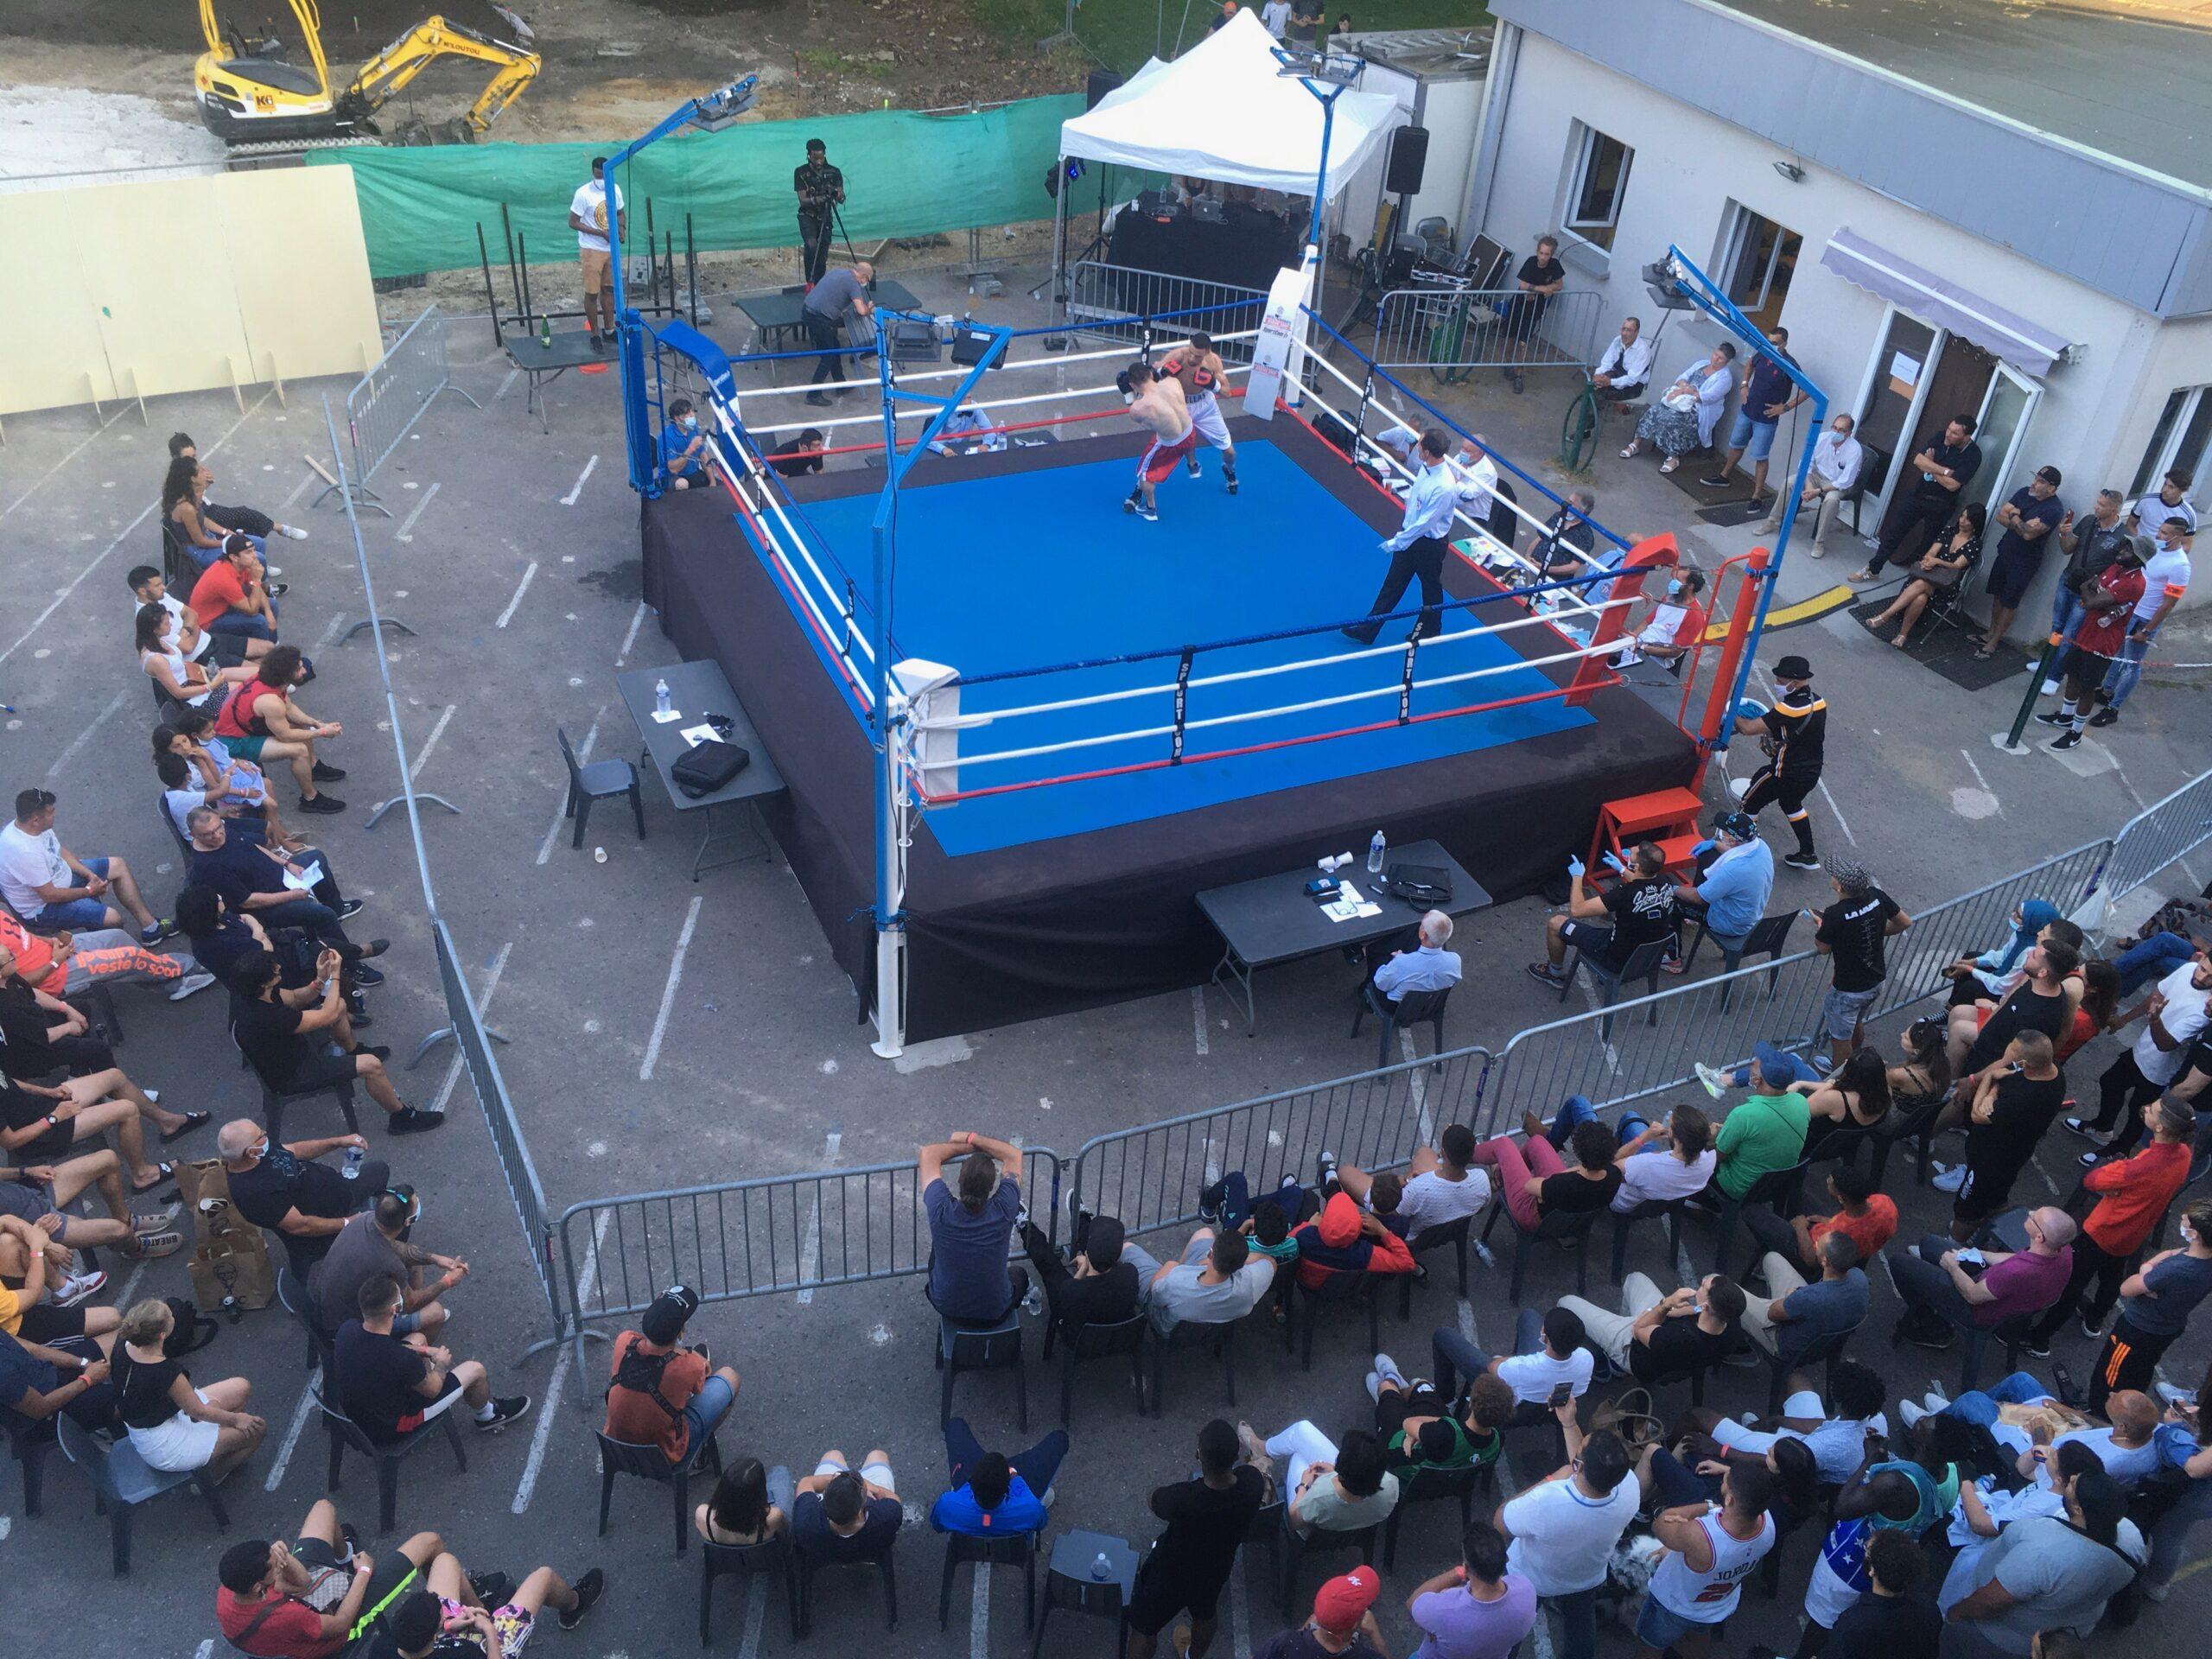 ring de boxe en plein air